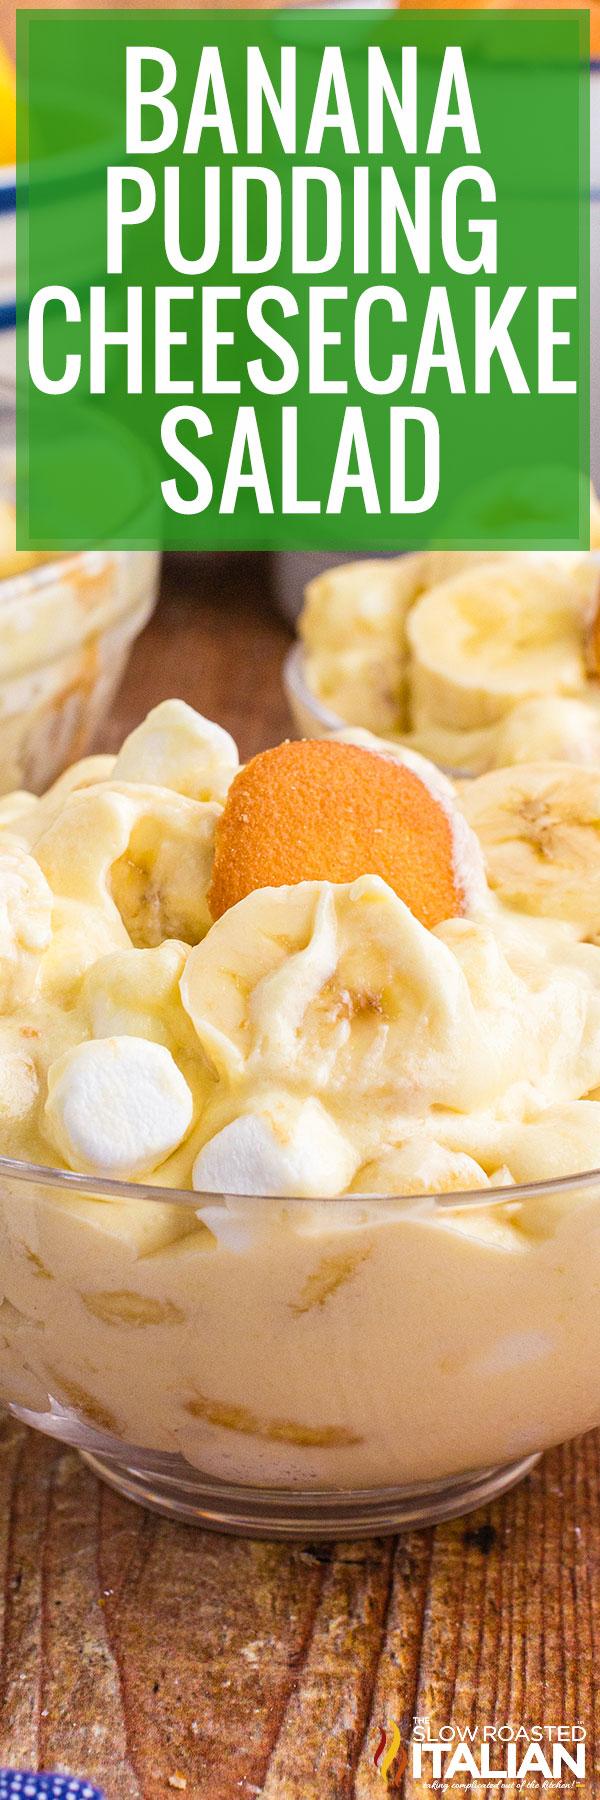 Banana Pudding Cheesecake Salad closeup